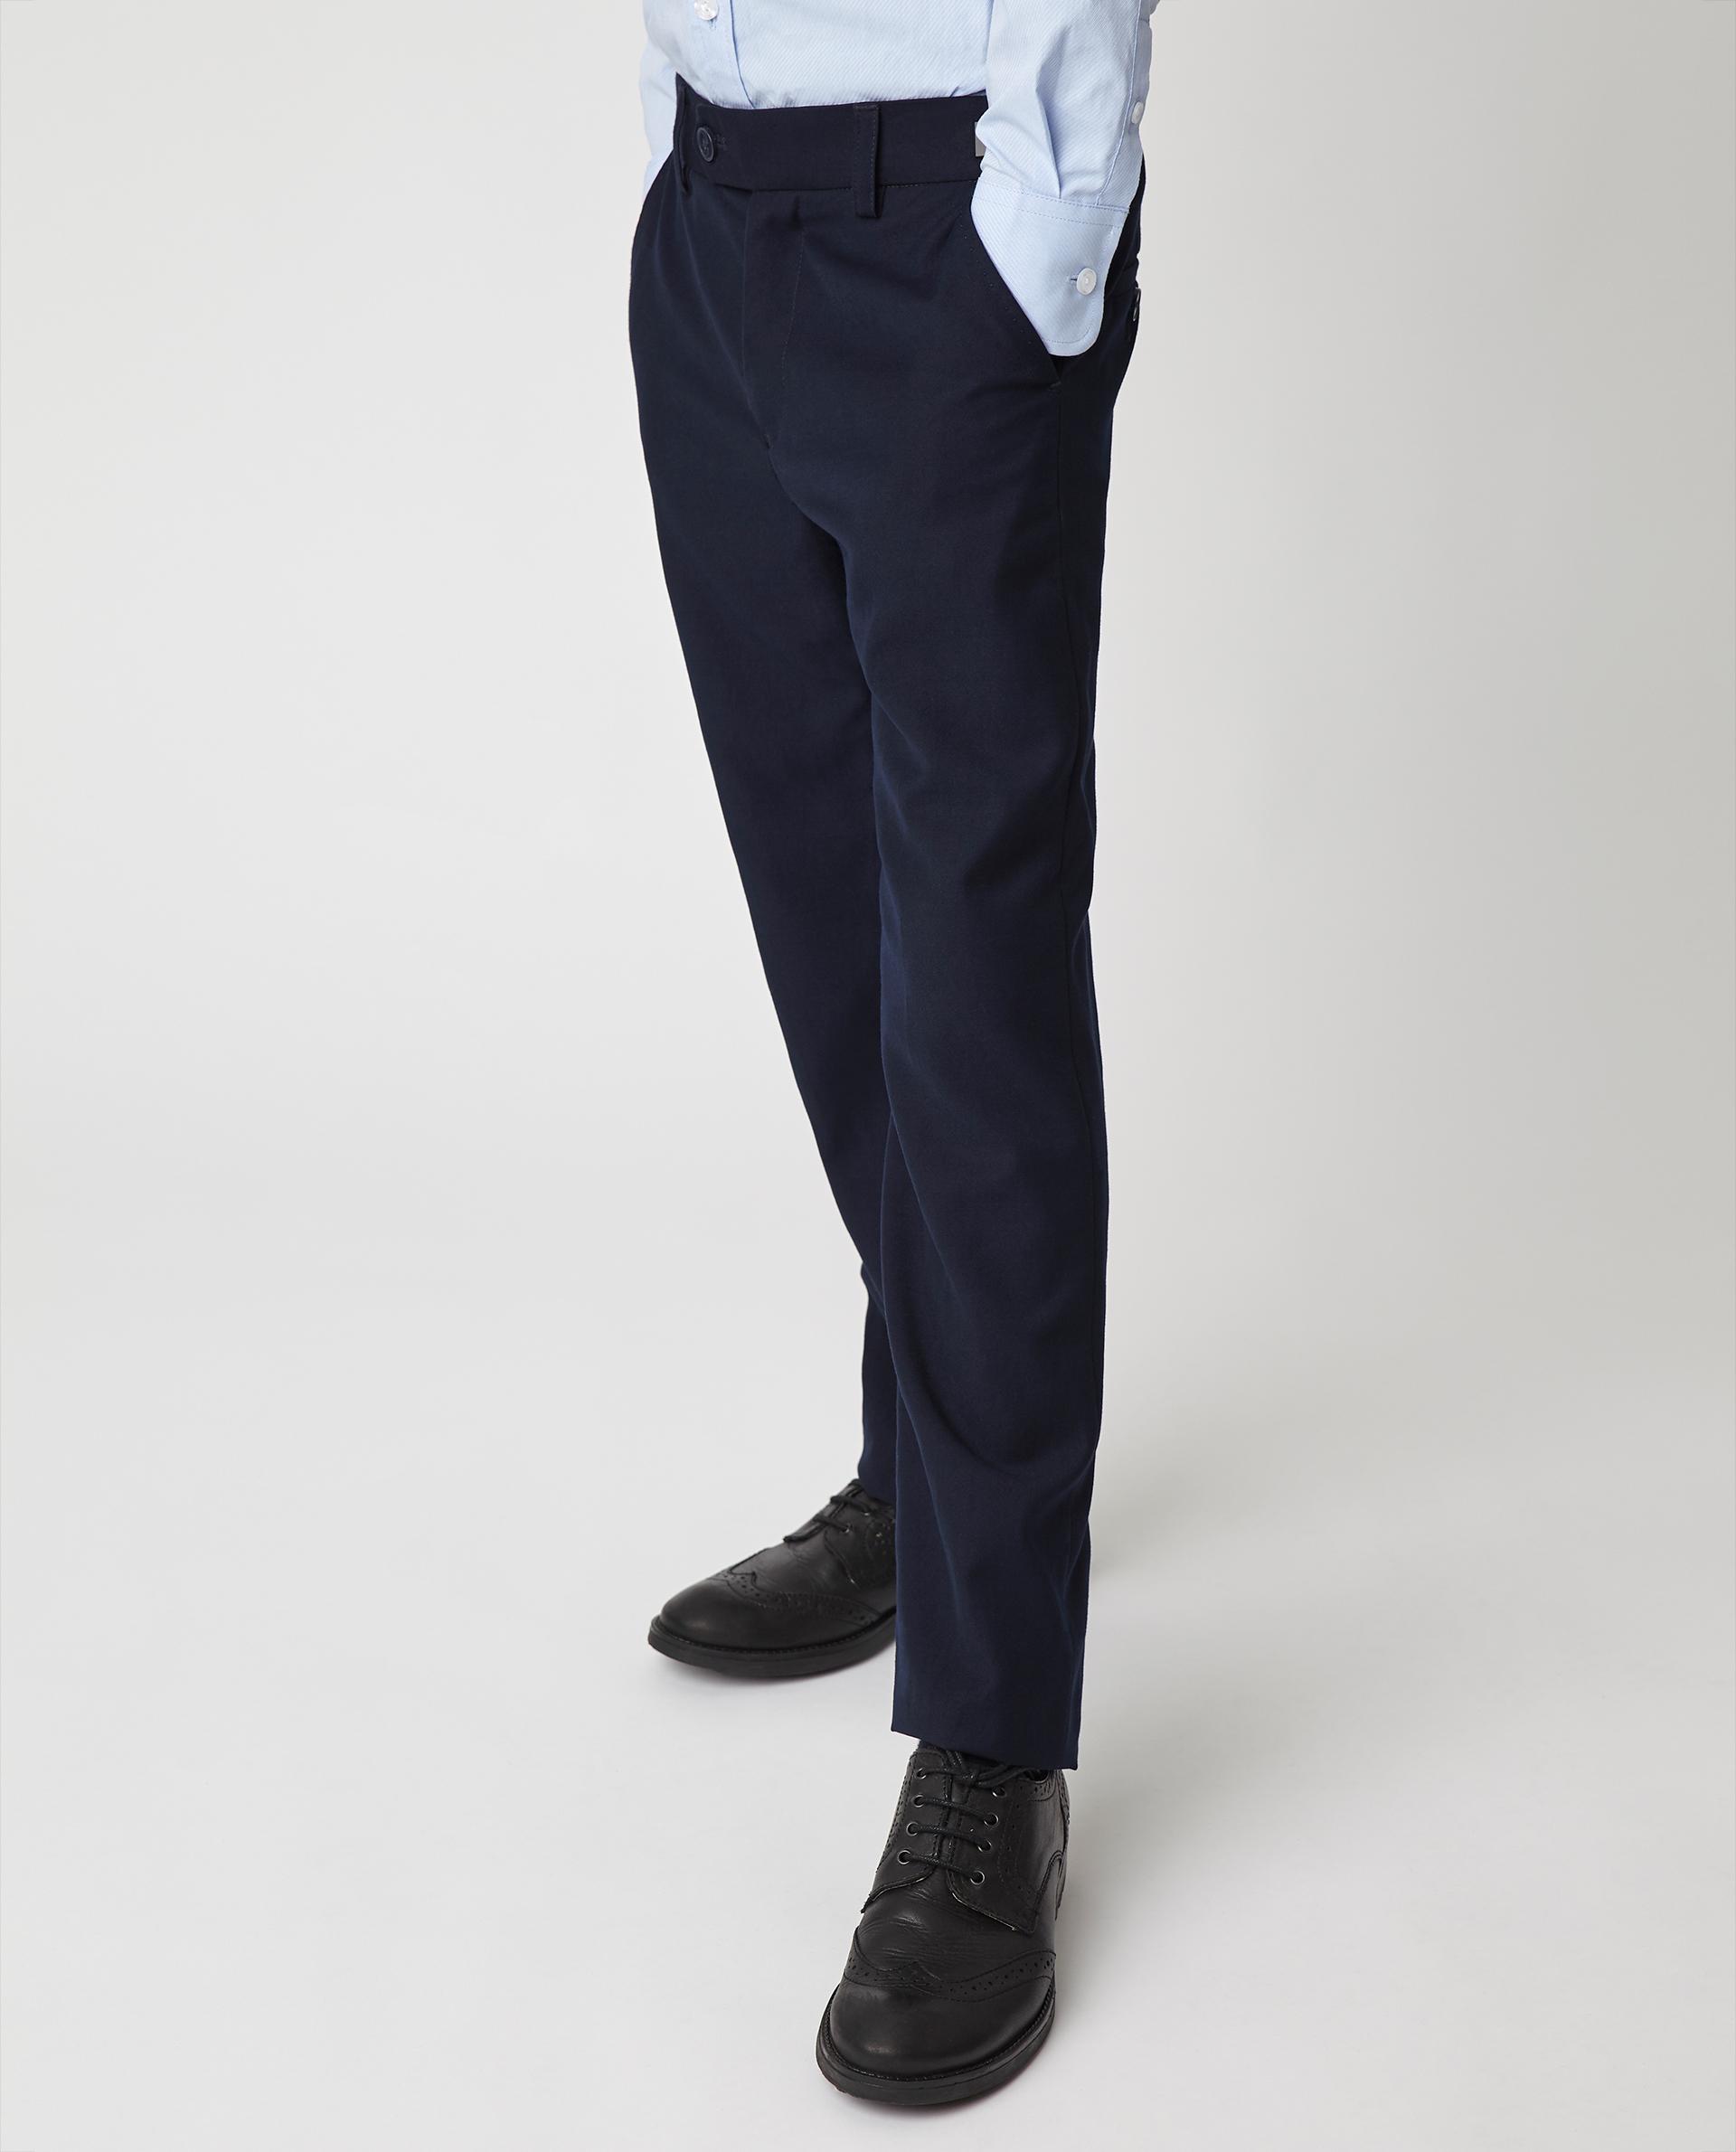 Купить 220GSBC6302, Синие брюки Gulliver, синий, 128, Мужской, Демисезон, ШКОЛЬНАЯ ФОРМА 2020-2021 (shop: GulliverMarket Gulliver Market)